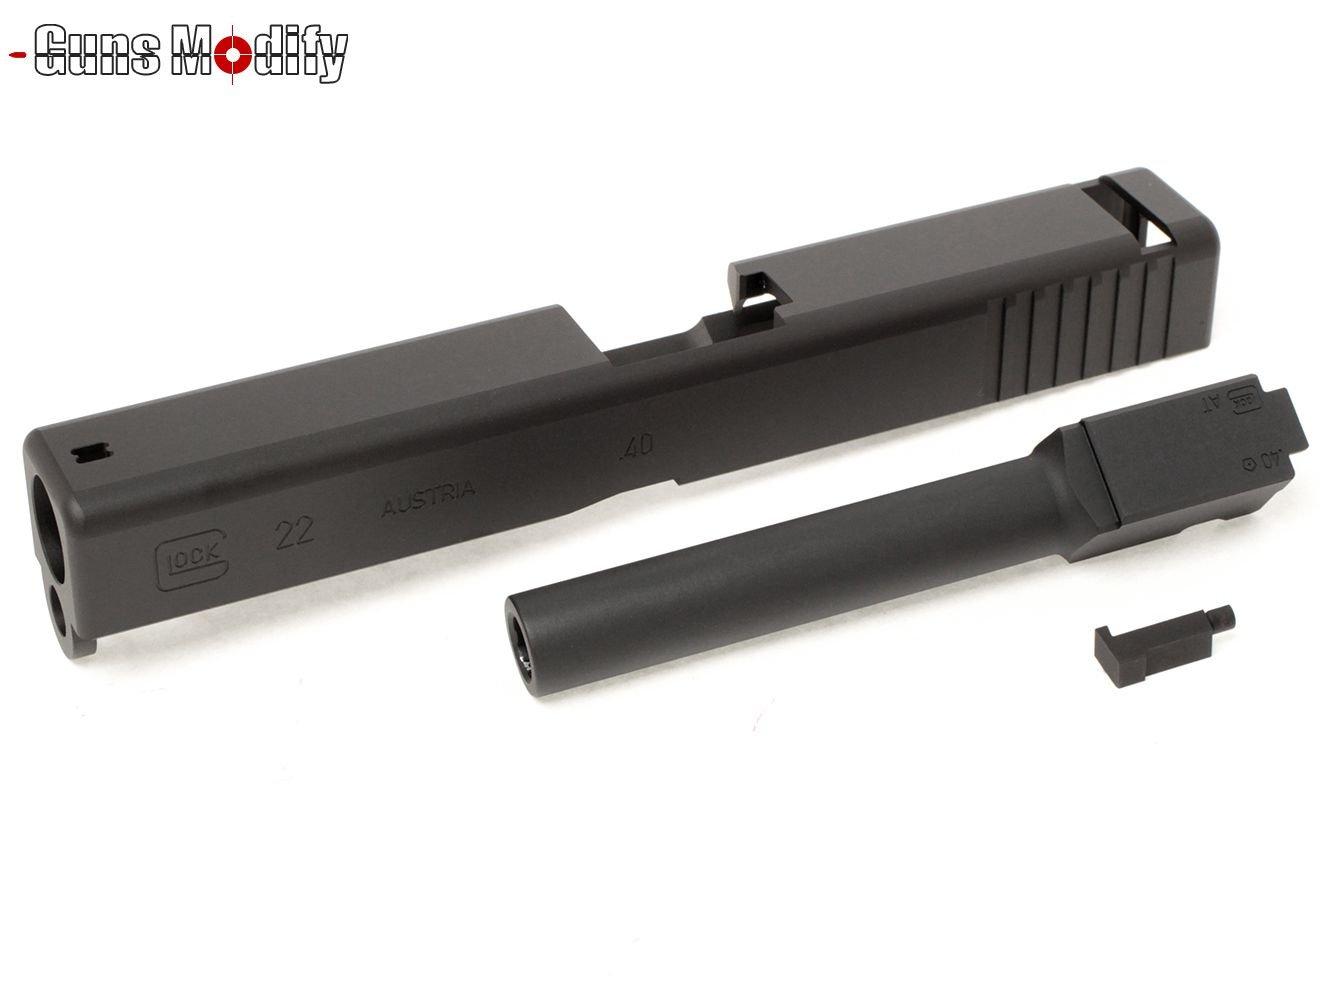 Guns Modify G22 CNC アルミスライド&アウターバレルセット 2016Ver B076VJRR1V